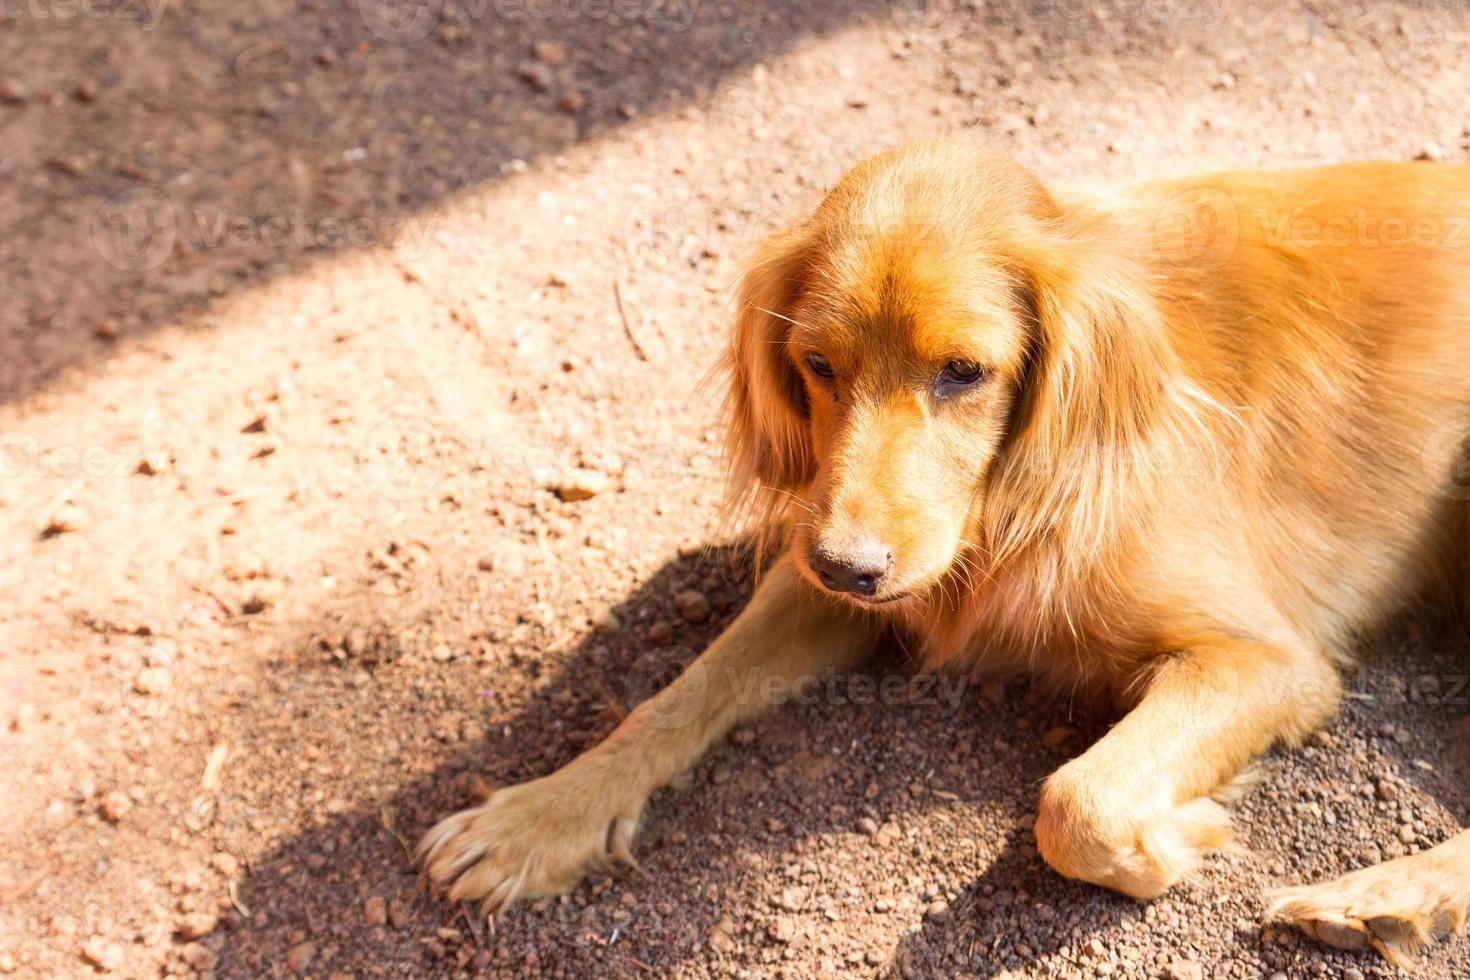 brauner Hund liegt auf dem Boden foto